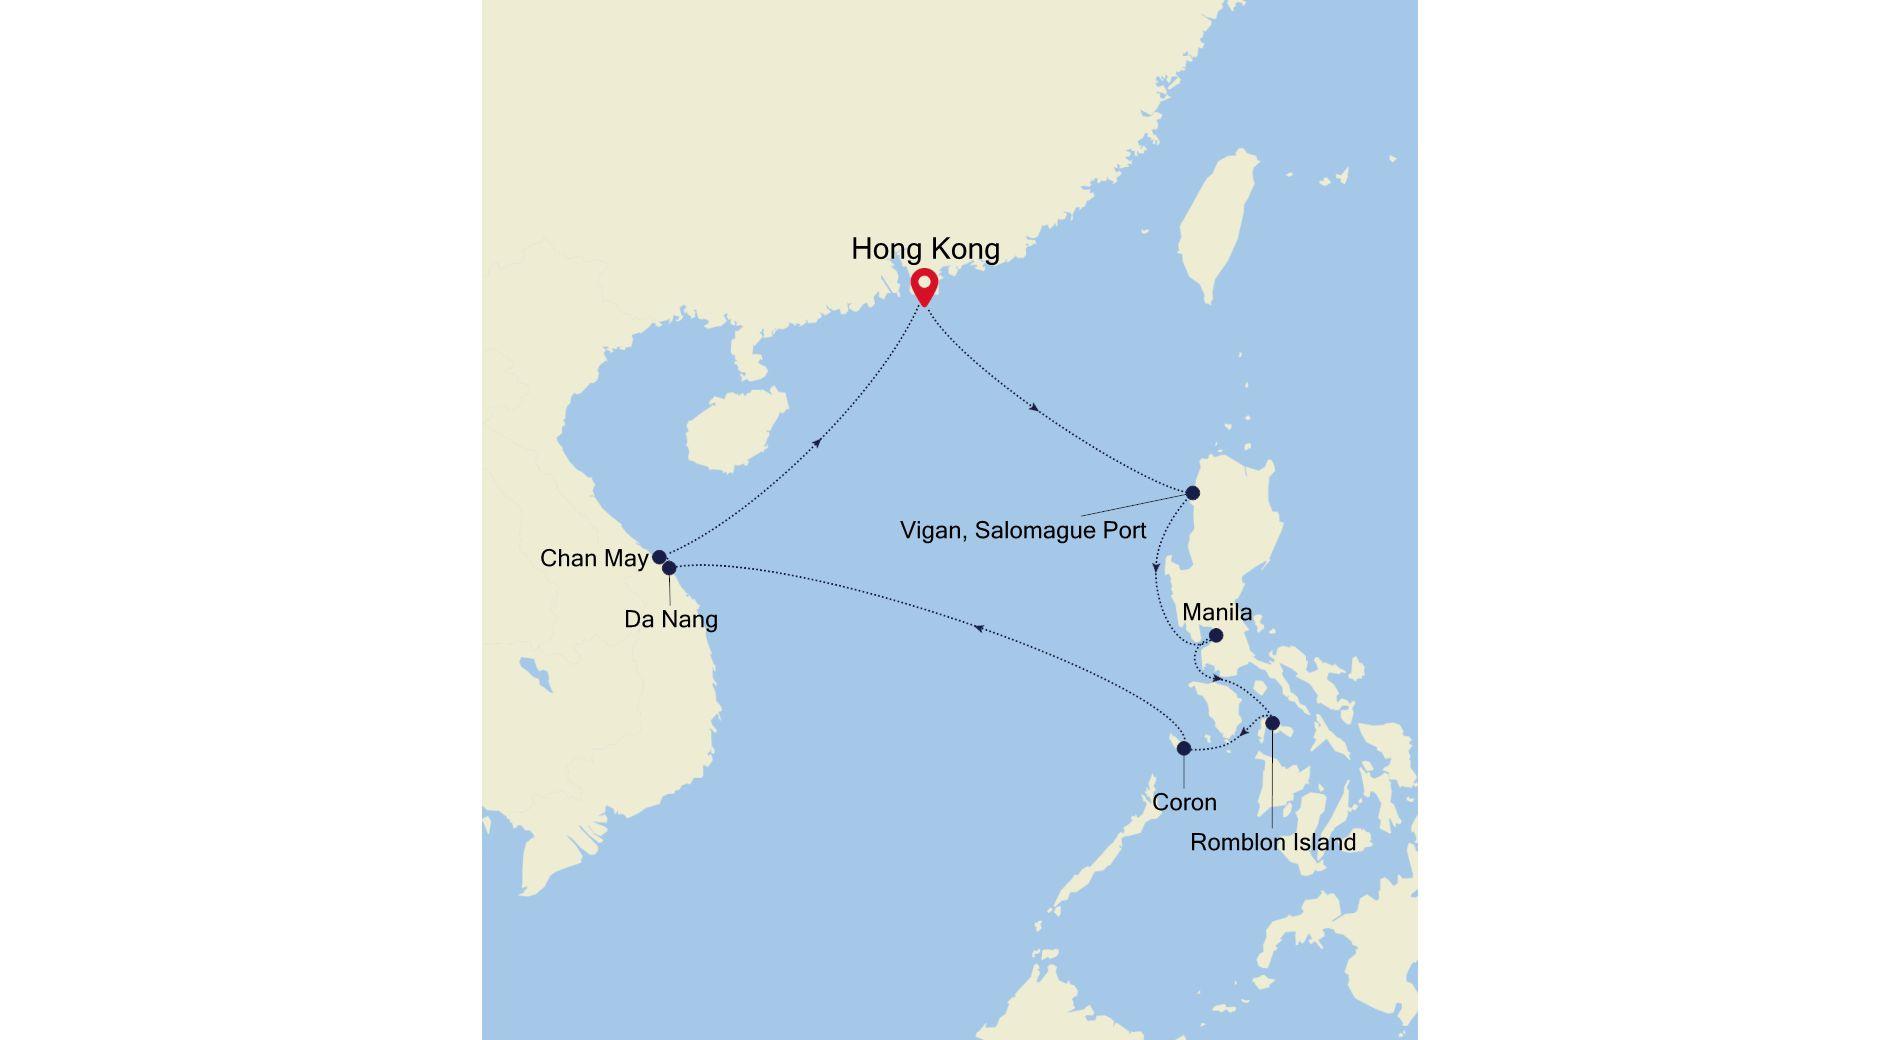 MO220119012 - Hong Kong to Hong Kong